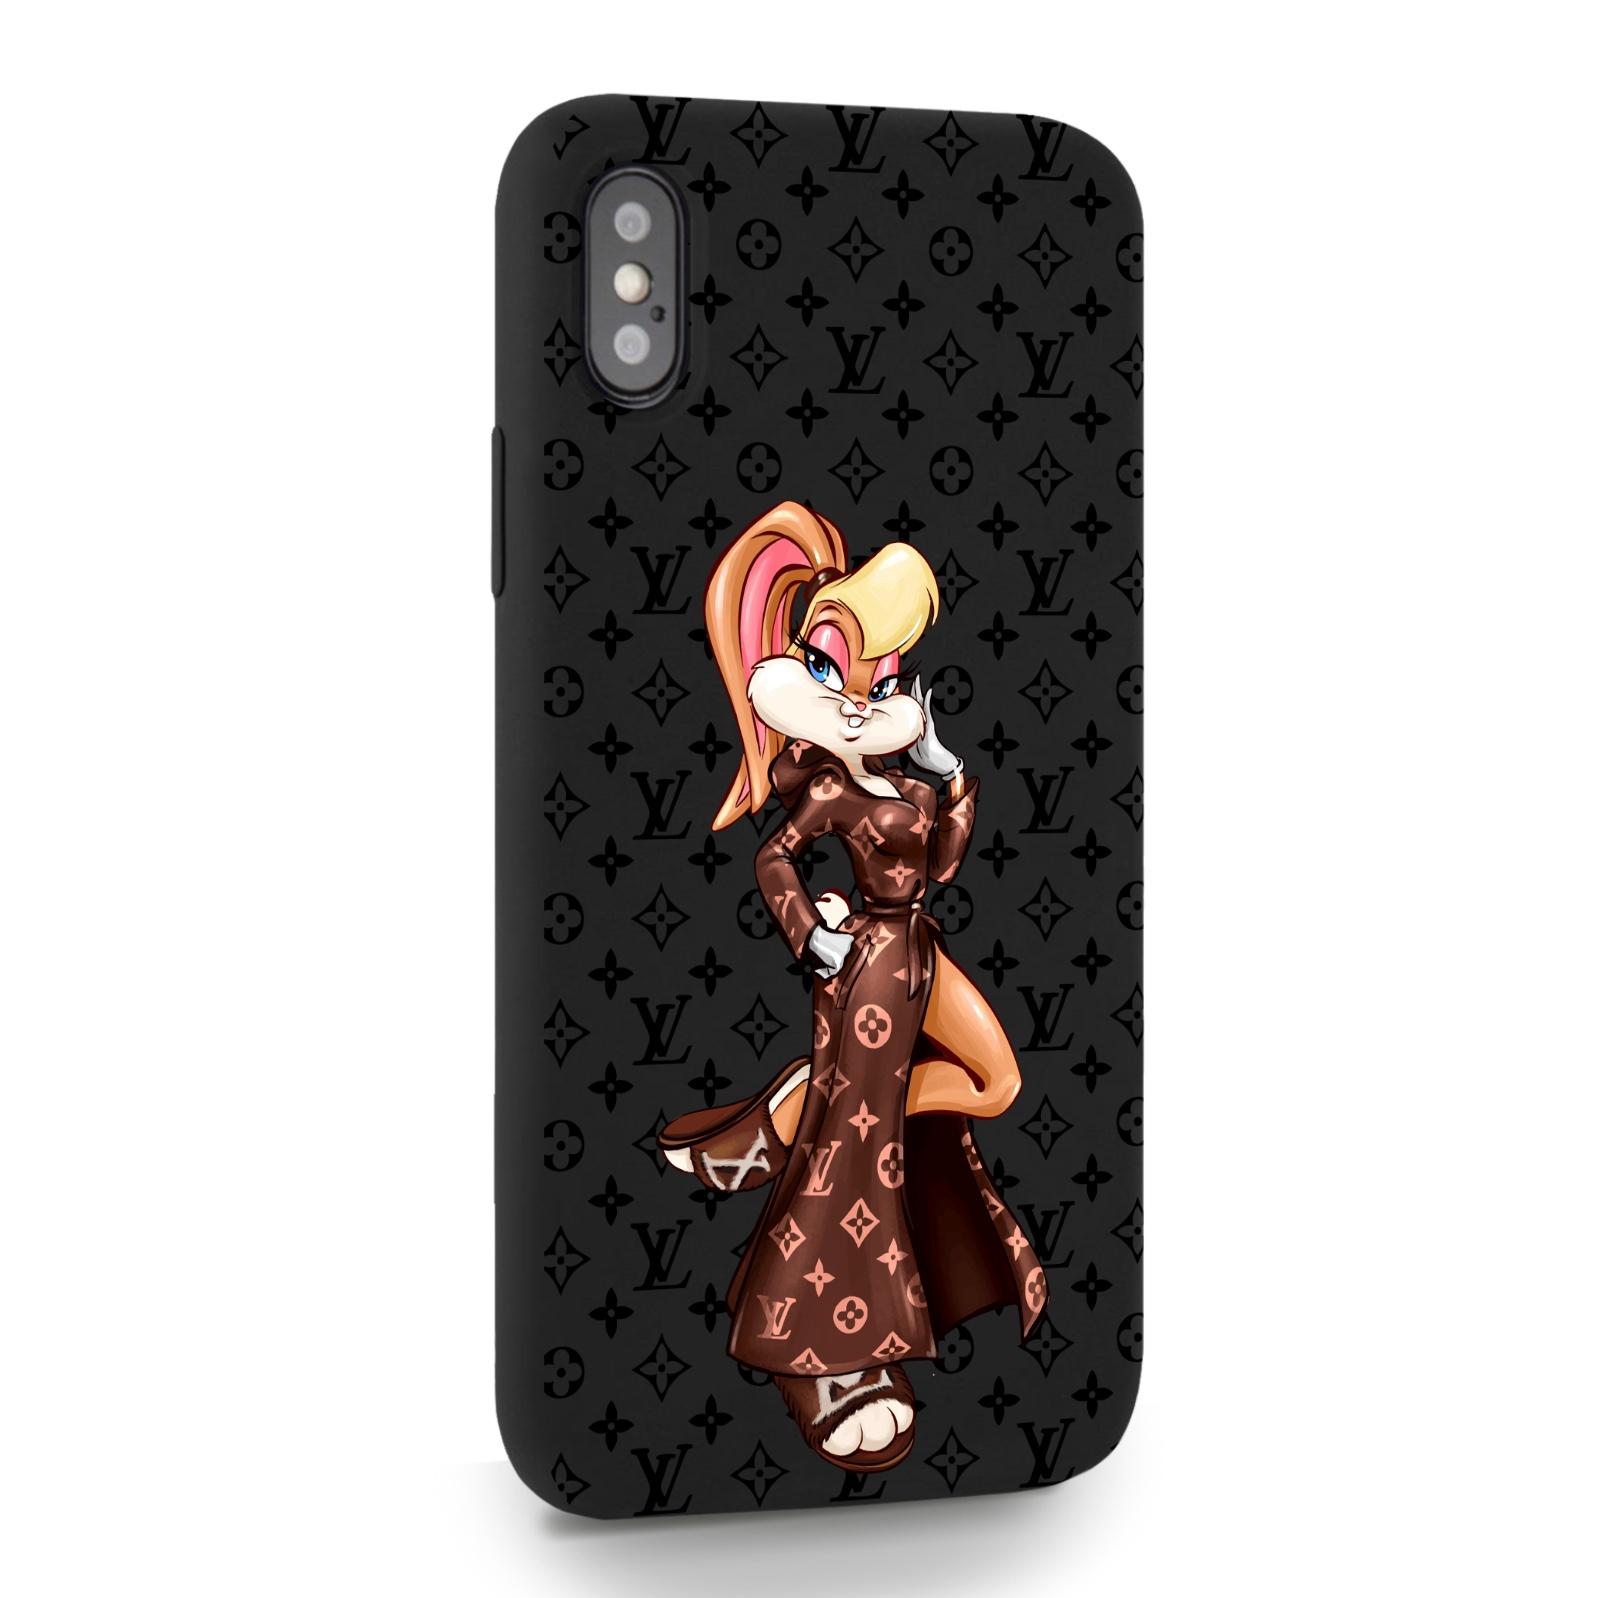 Черный силиконовый чехол для iPhone X/XS Миссис Богатая Зайка Релакс LV/ Mrs. Rich Bunny Relax LV для Айфон 10/10с